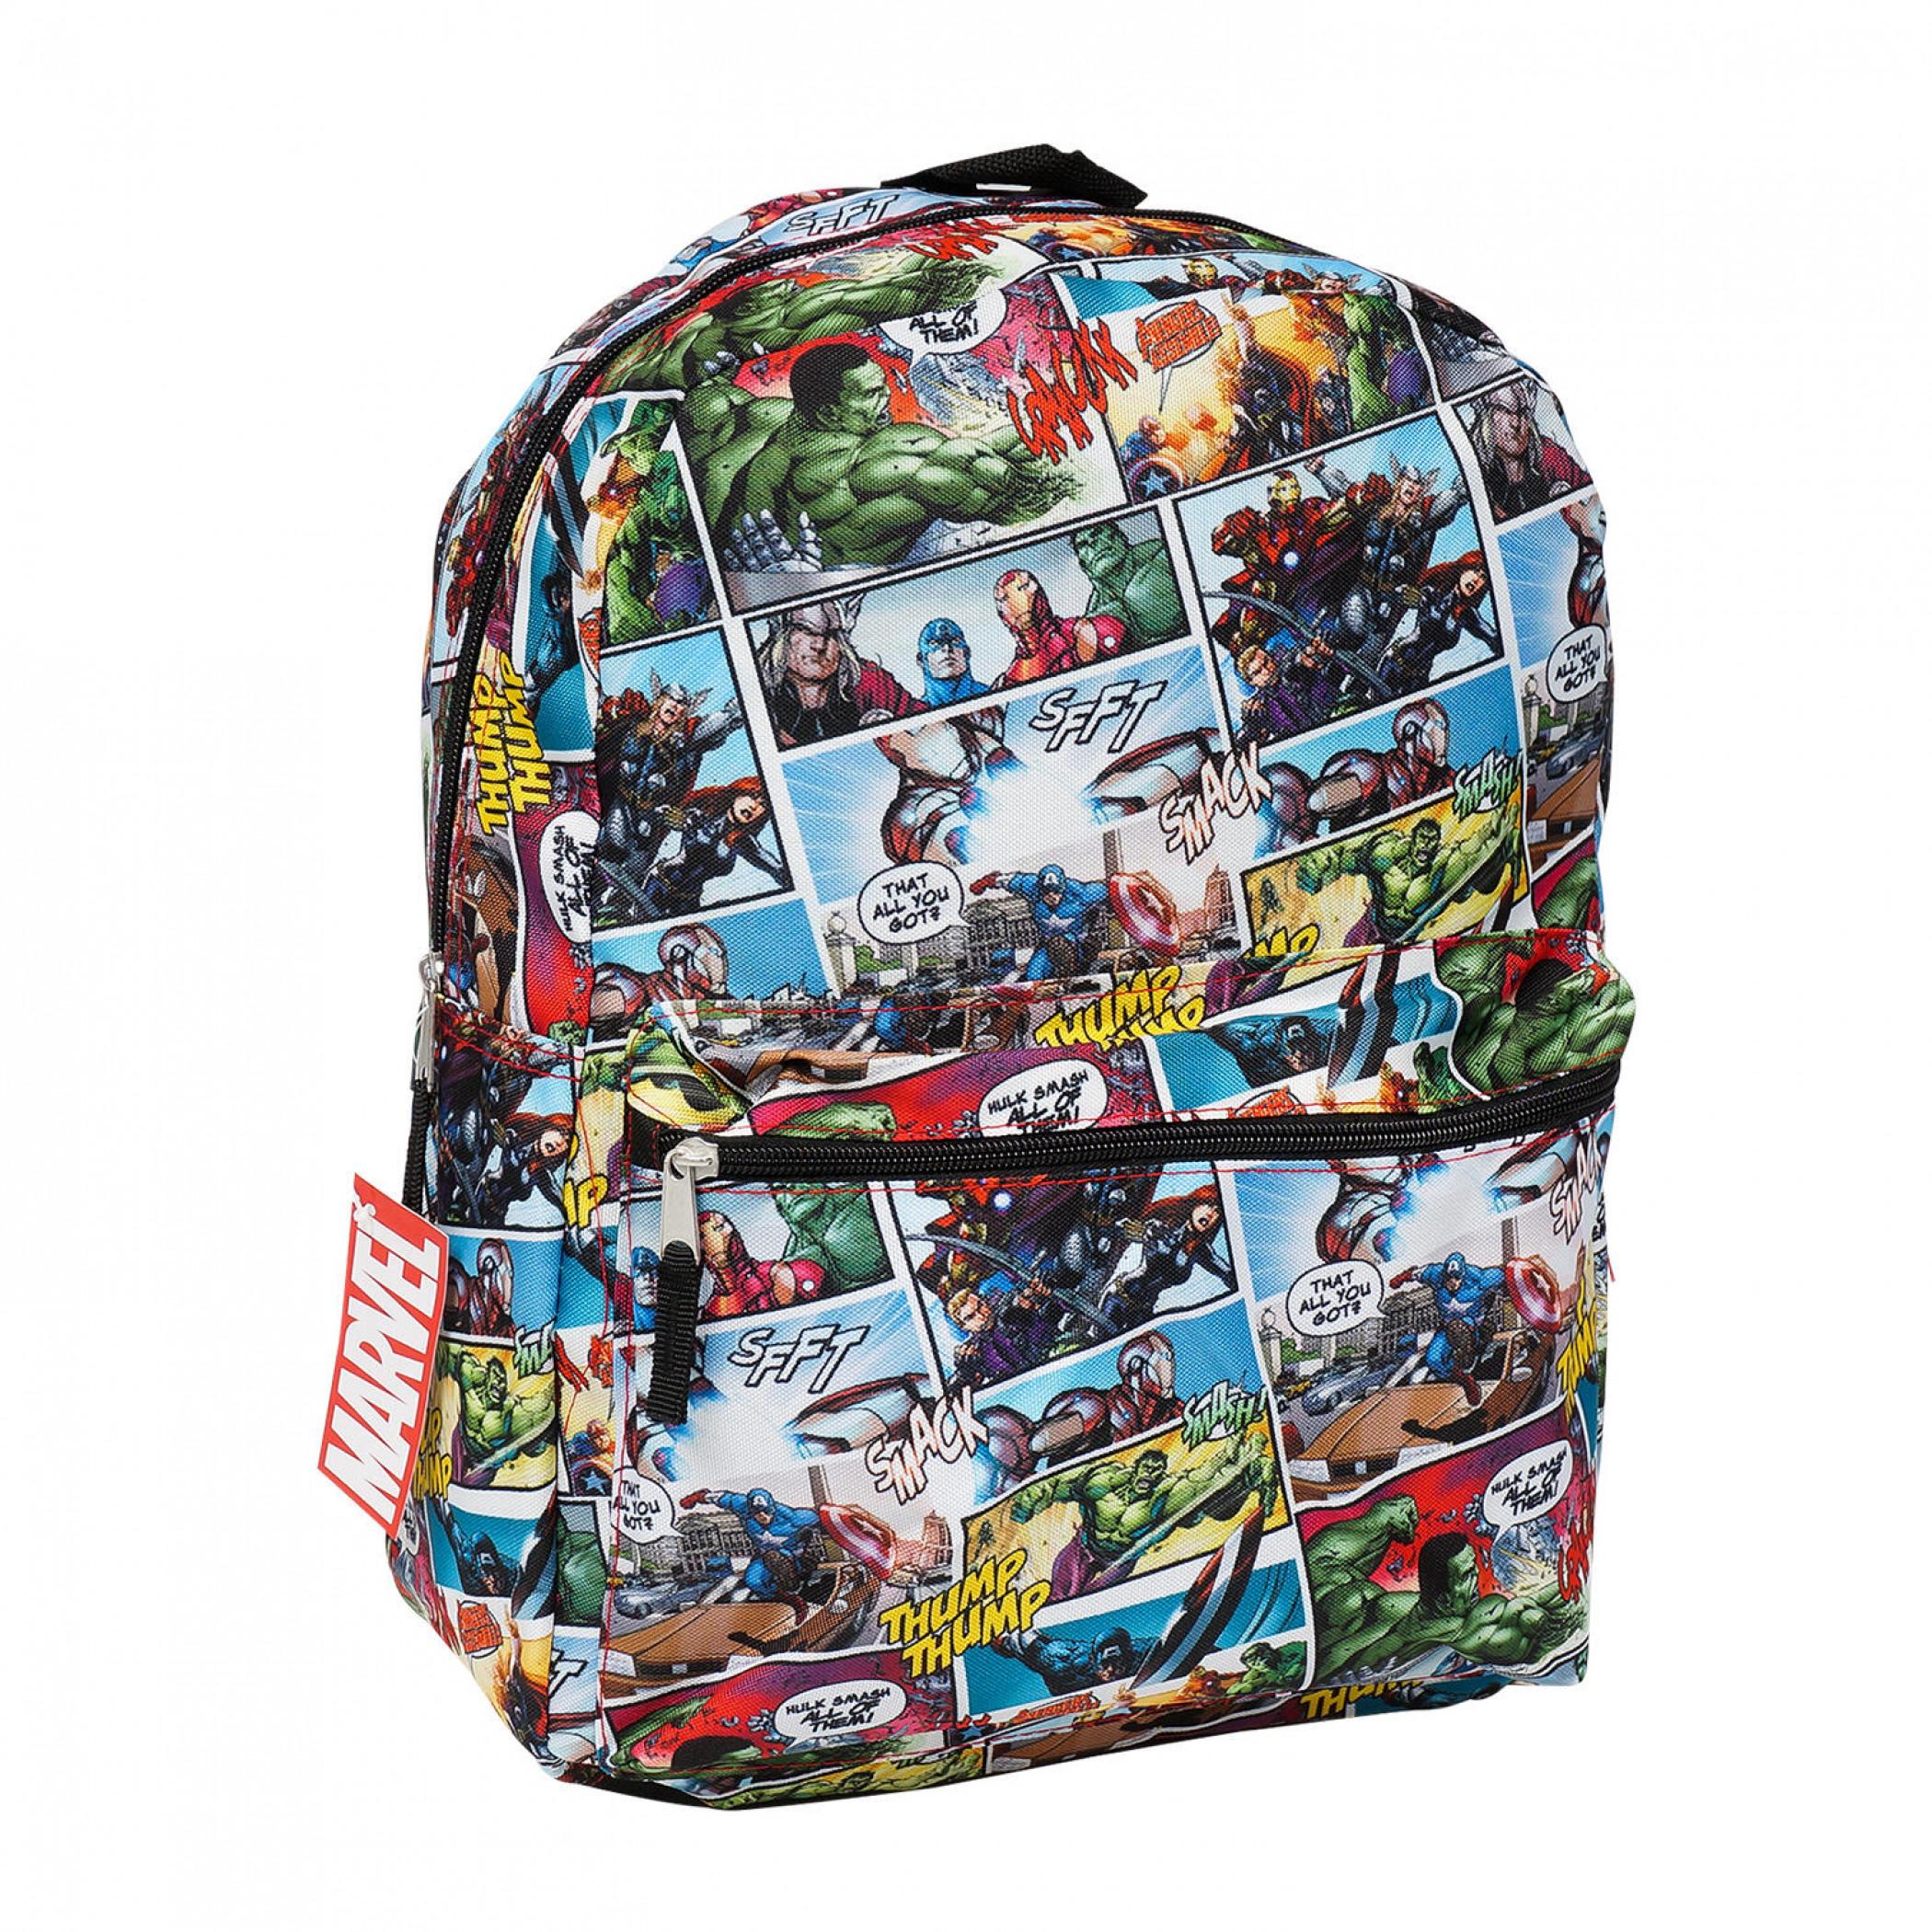 Marvel's Avengers Comic Panels All Over Print Backpack